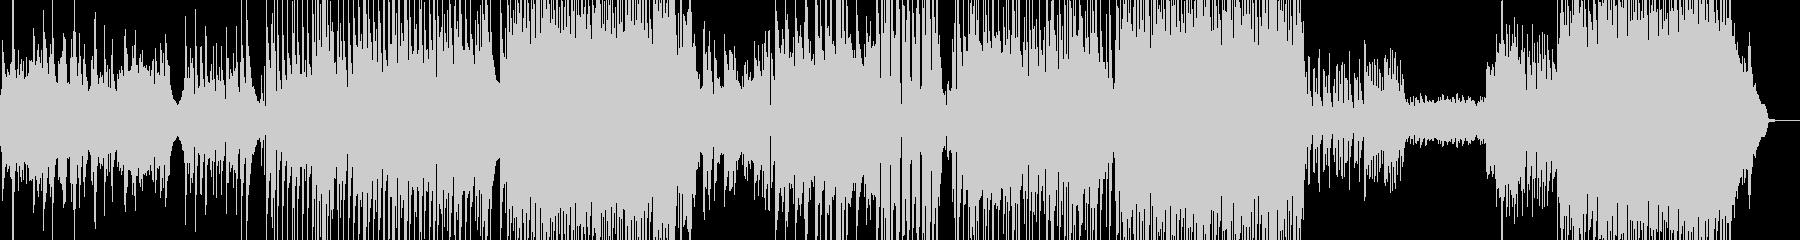 メイン劇的・90年代風バラード 長尺+★の未再生の波形